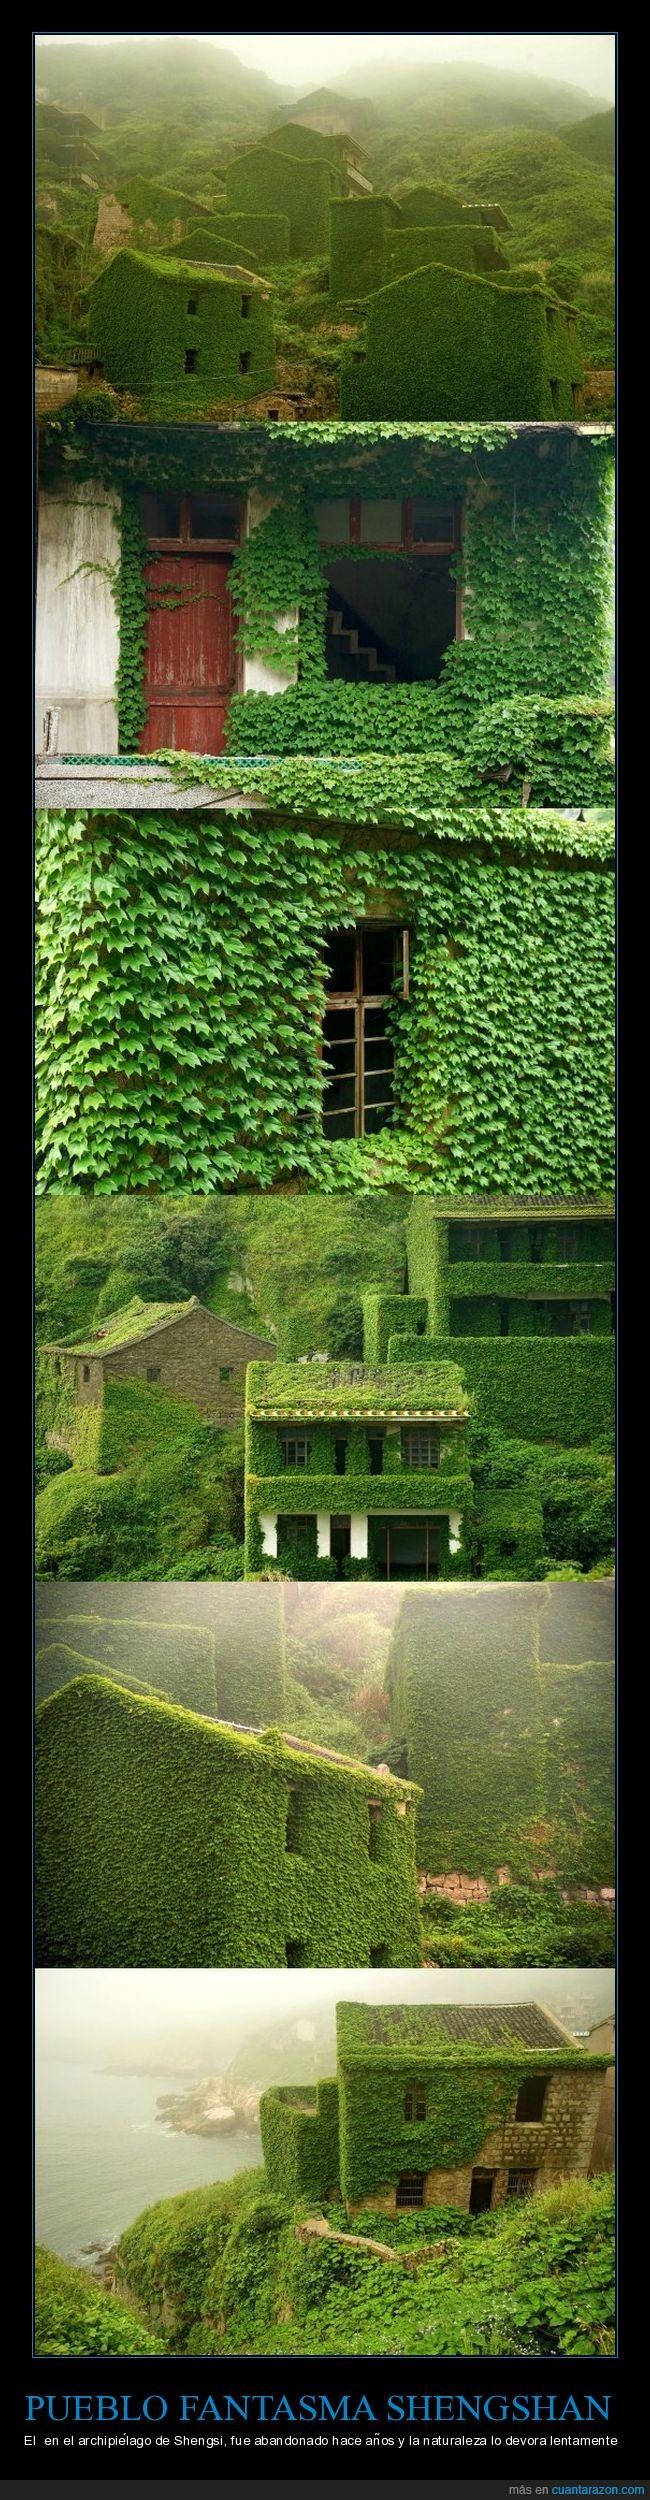 pueblo fantasma,shengshan,vegetación